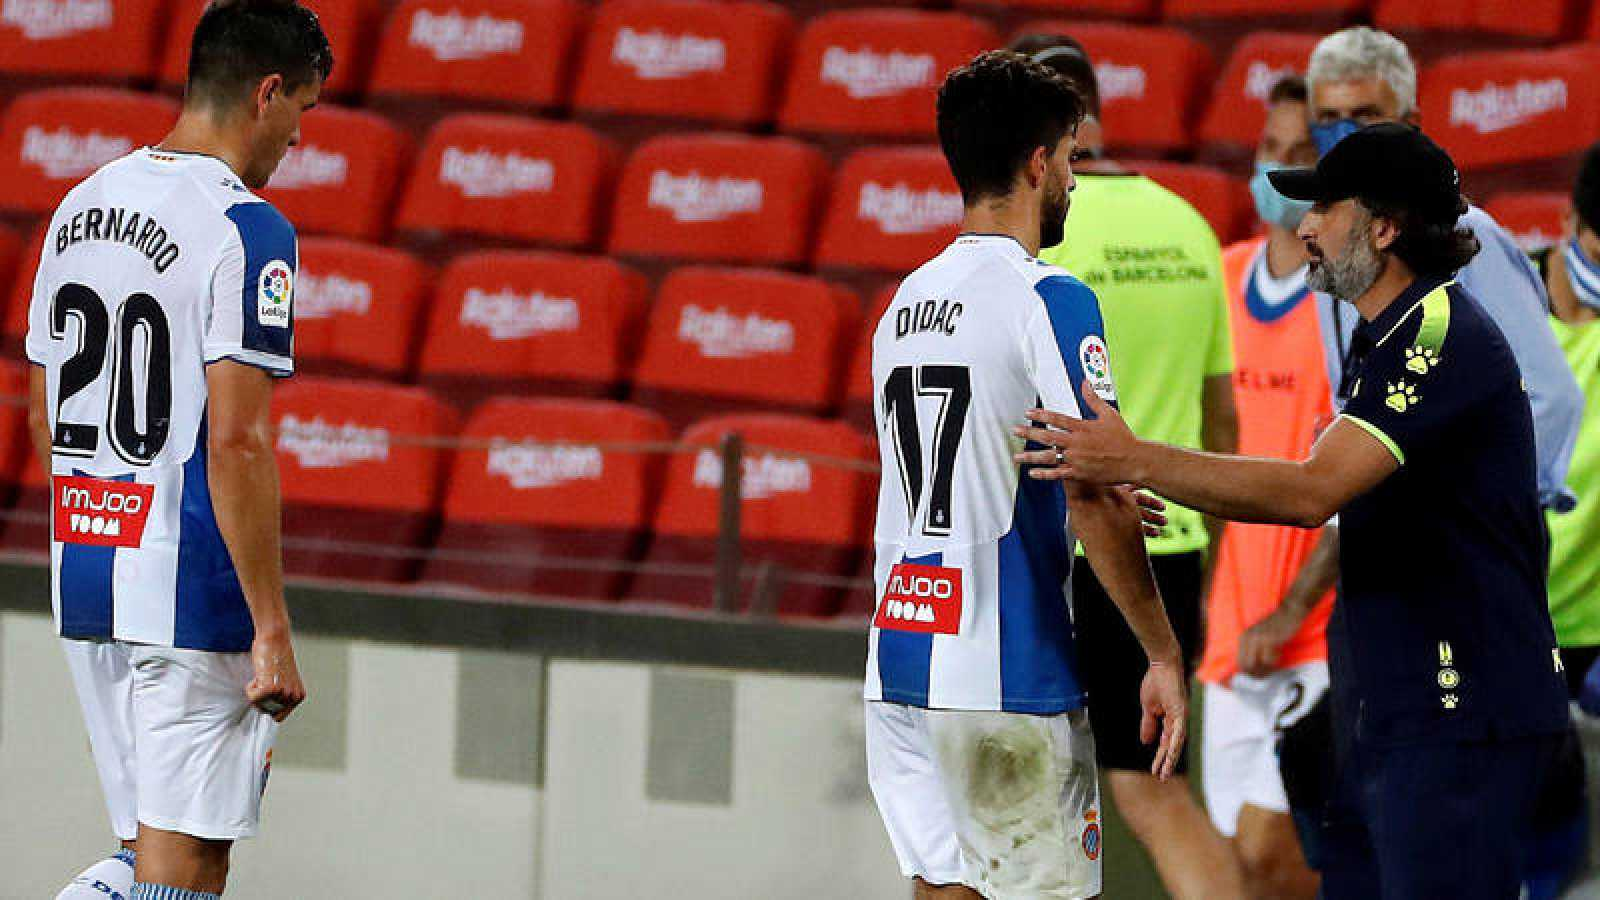 El entrenador del Espanyol Rufete (d) anima a Dídac (c), al término del partido de Liga en Primera División ante el FC Barcelona